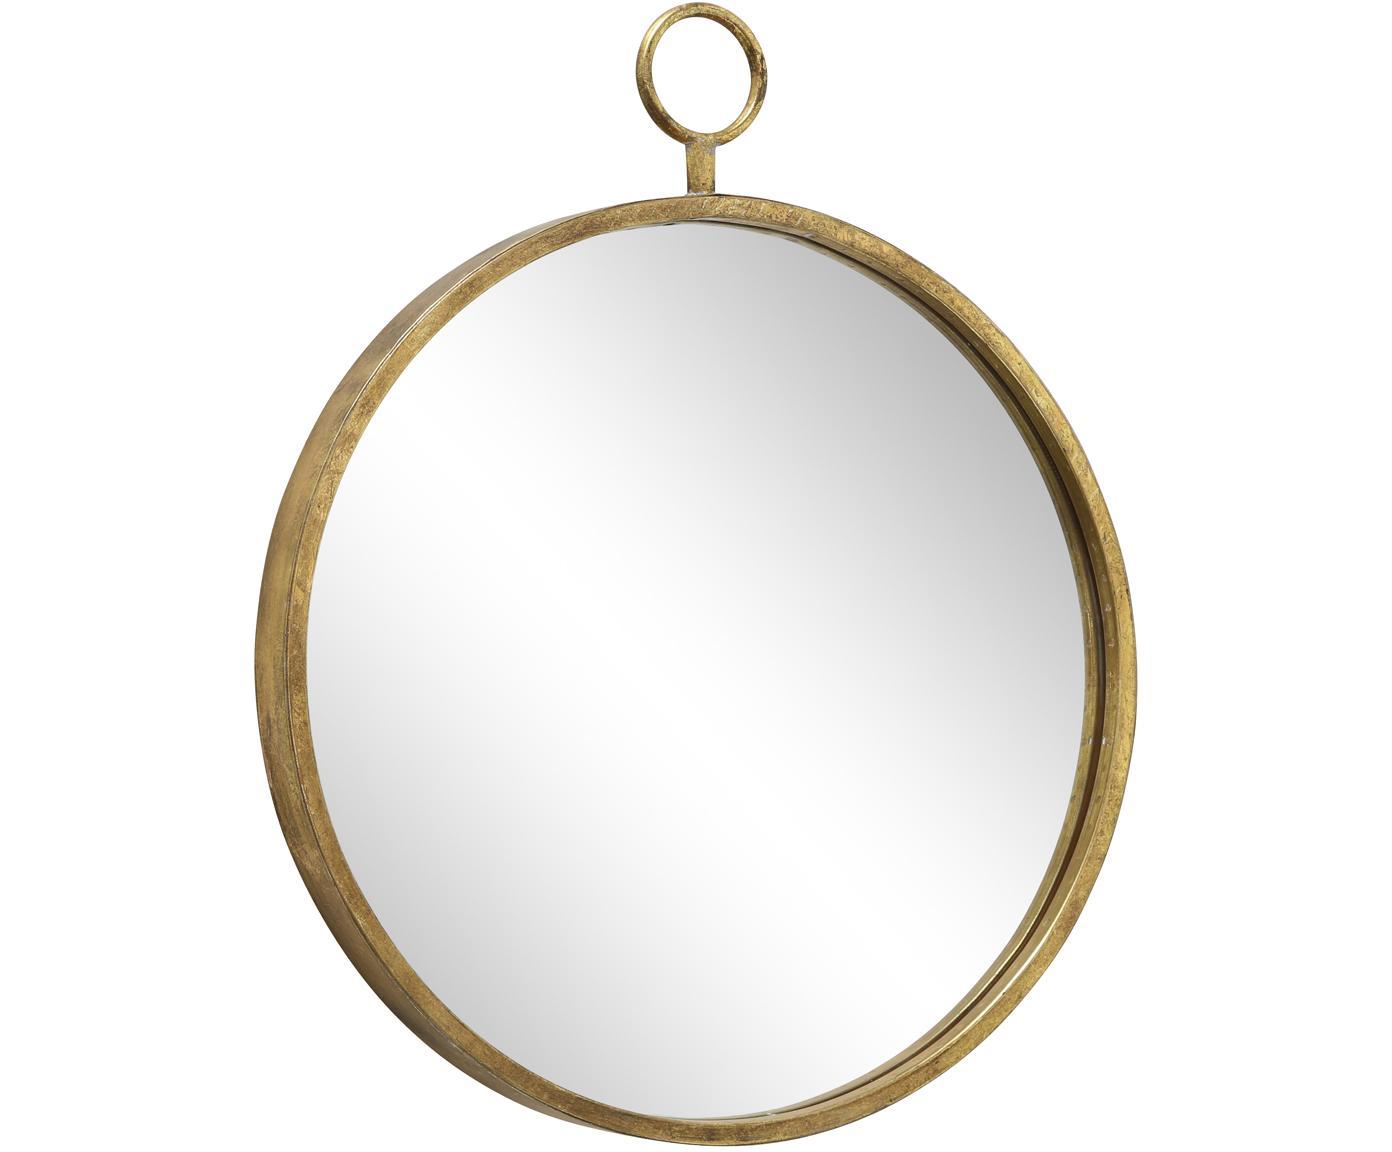 Specchio da parete rotondo Prado, Metallo, lastra di vetro, Ottonato, Larg. 55 x Alt. 66 cm